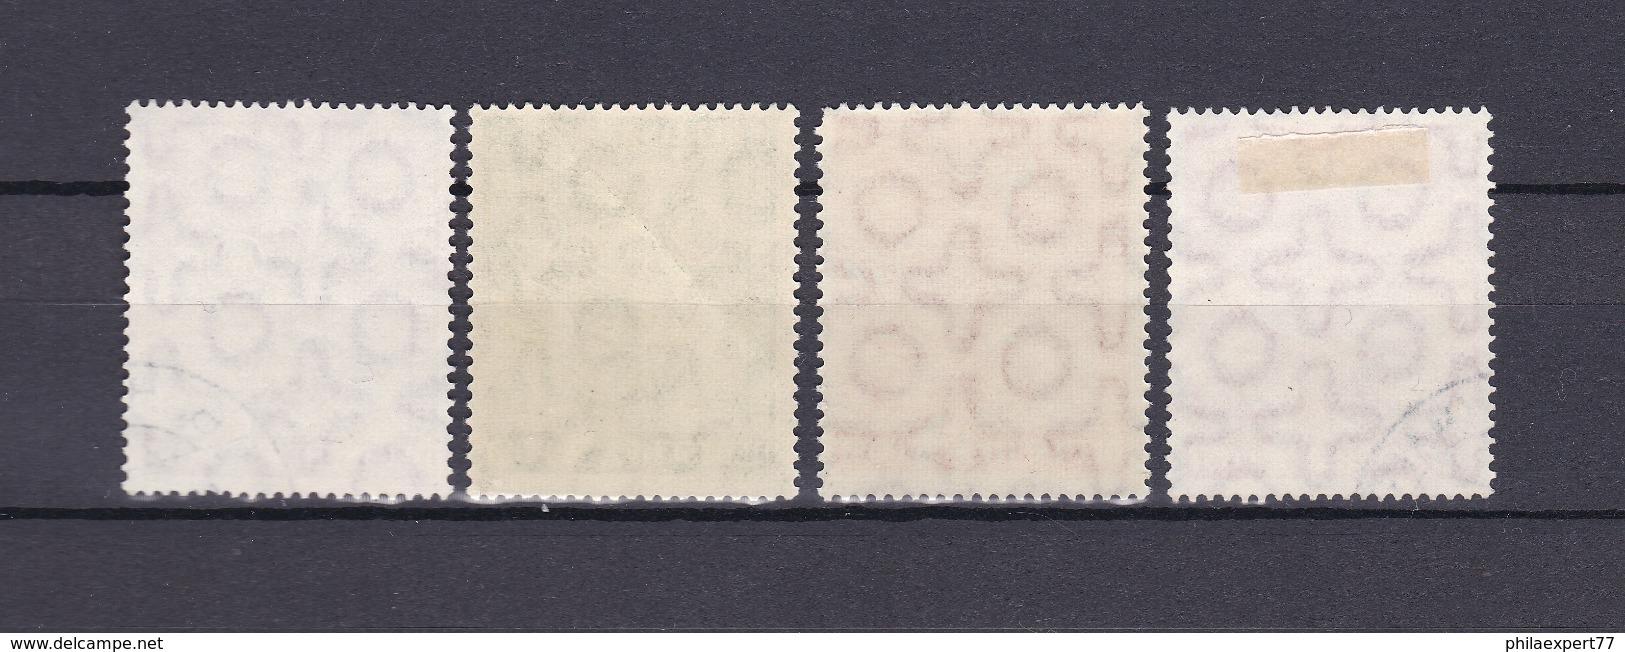 Berlin - 1952 - Michel Nr. 88/90 - Gest./Postfrisch - 58 Euro - Gebraucht